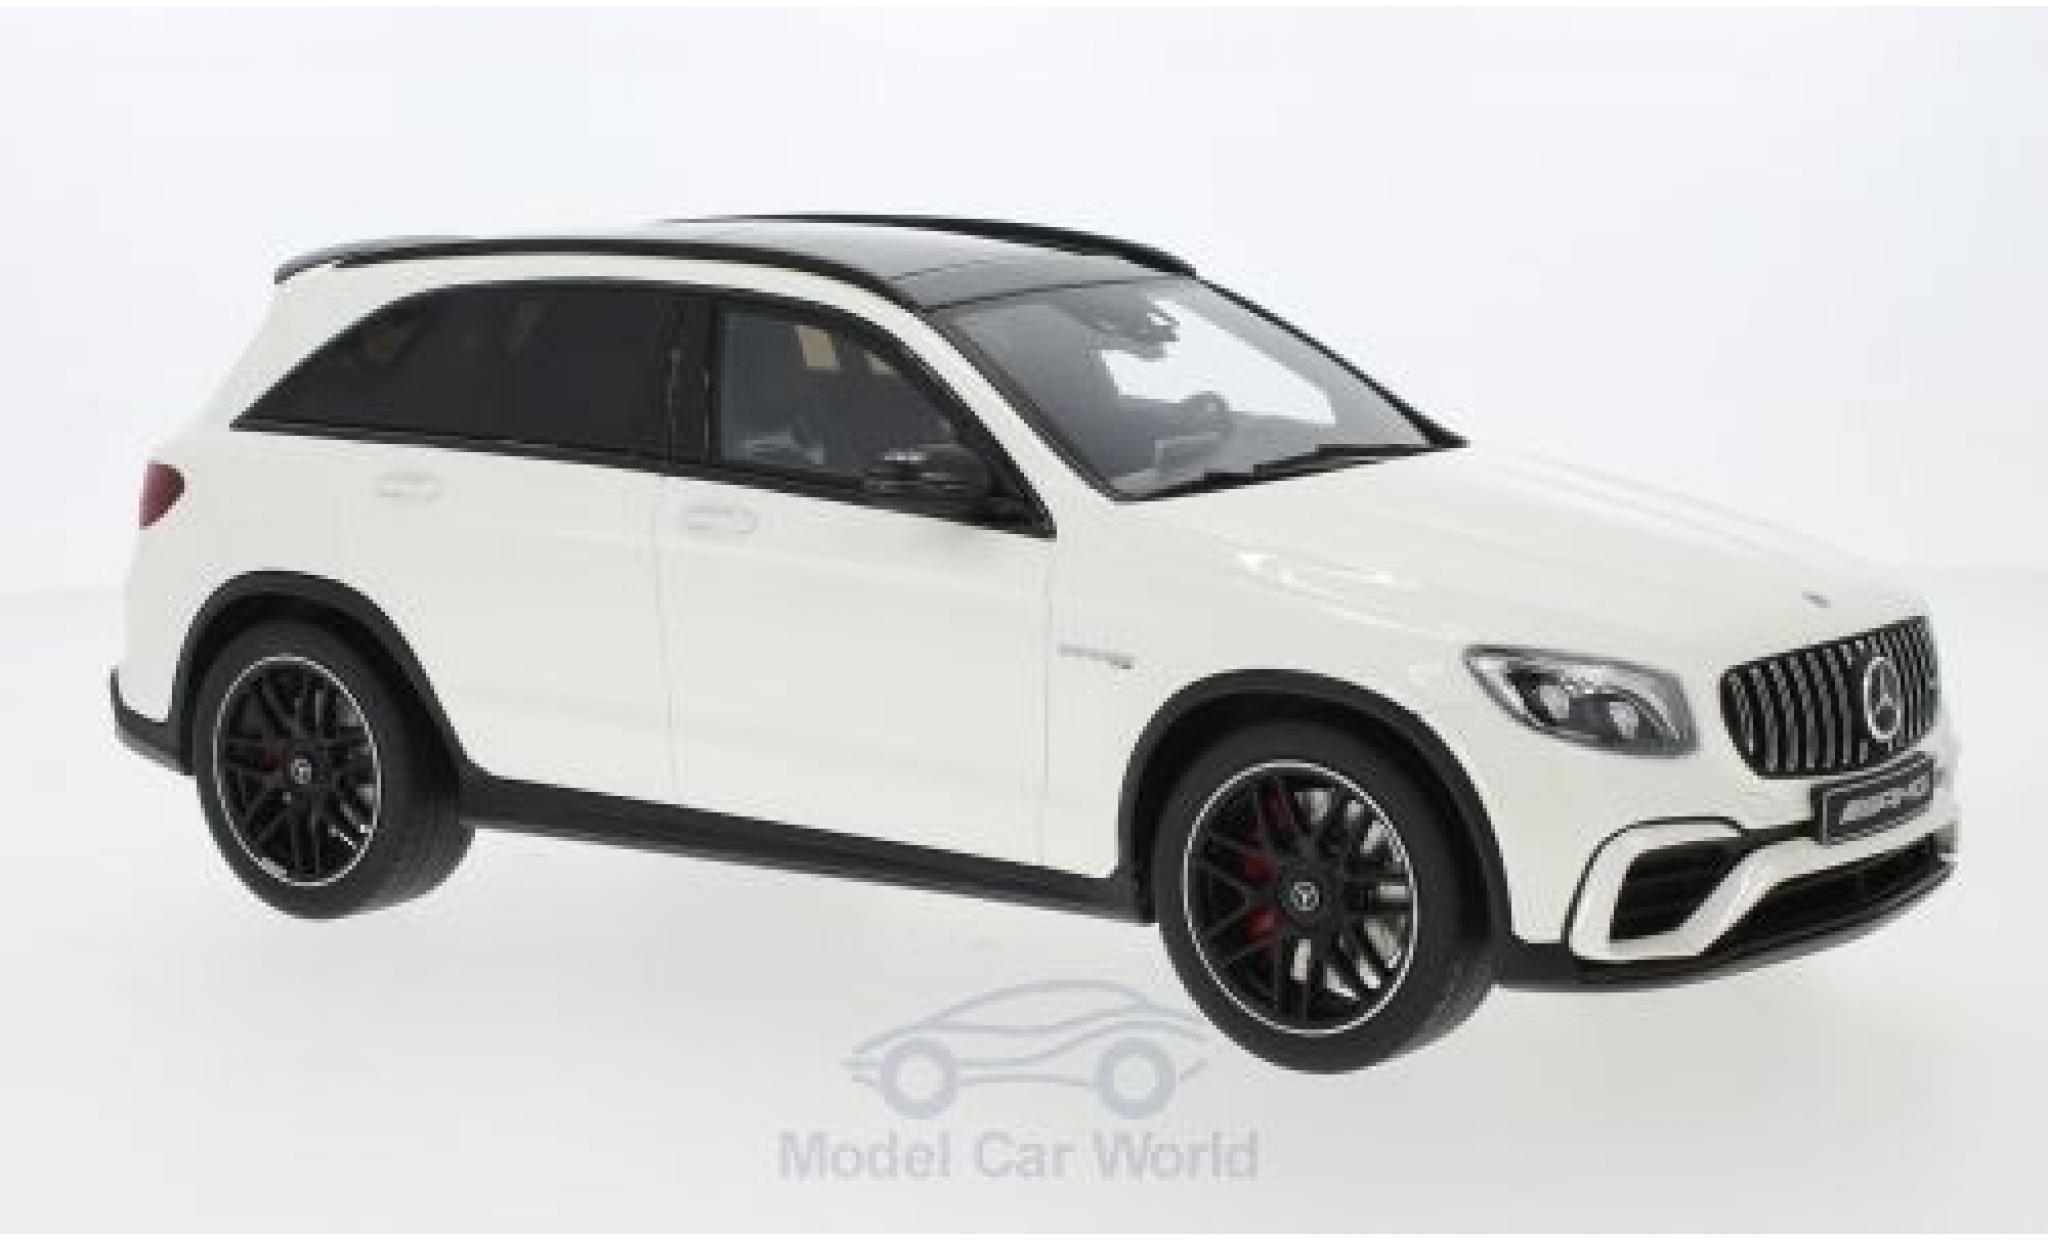 Mercedes Classe C 1/18 GT Spirit AMG GLC 63 blanche 2019